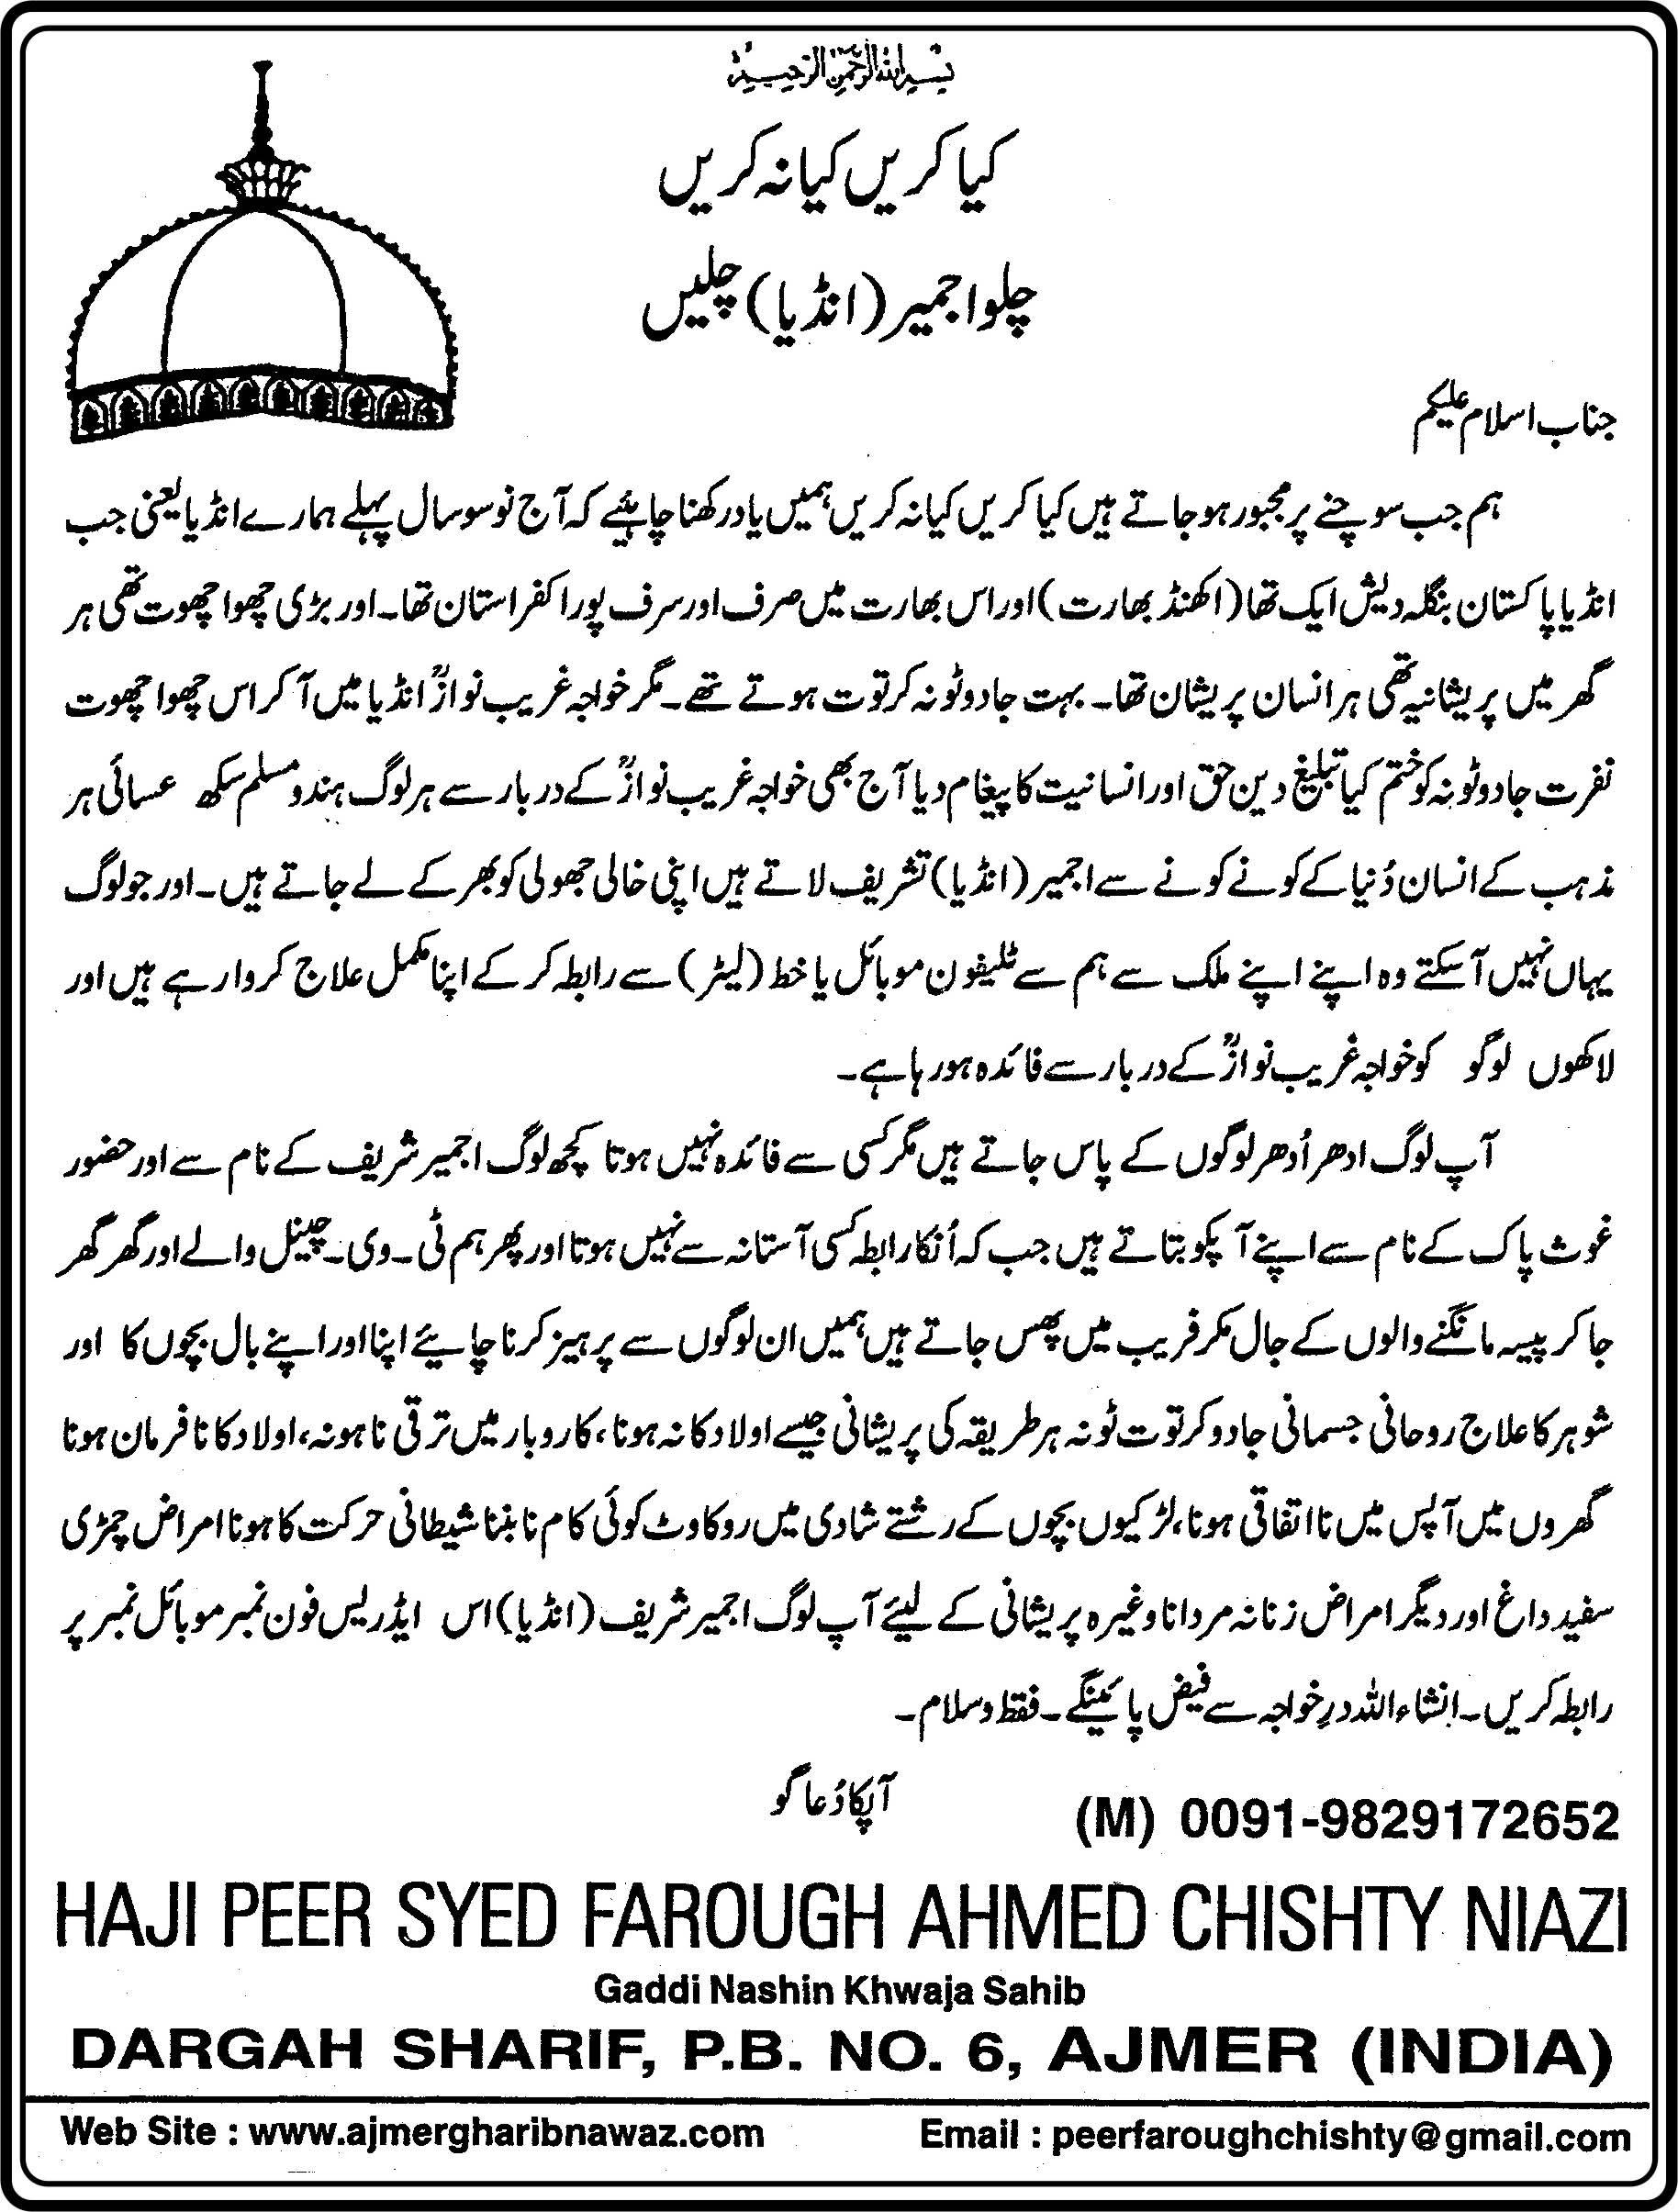 Urdu -Lets go to Ajmer Sharif